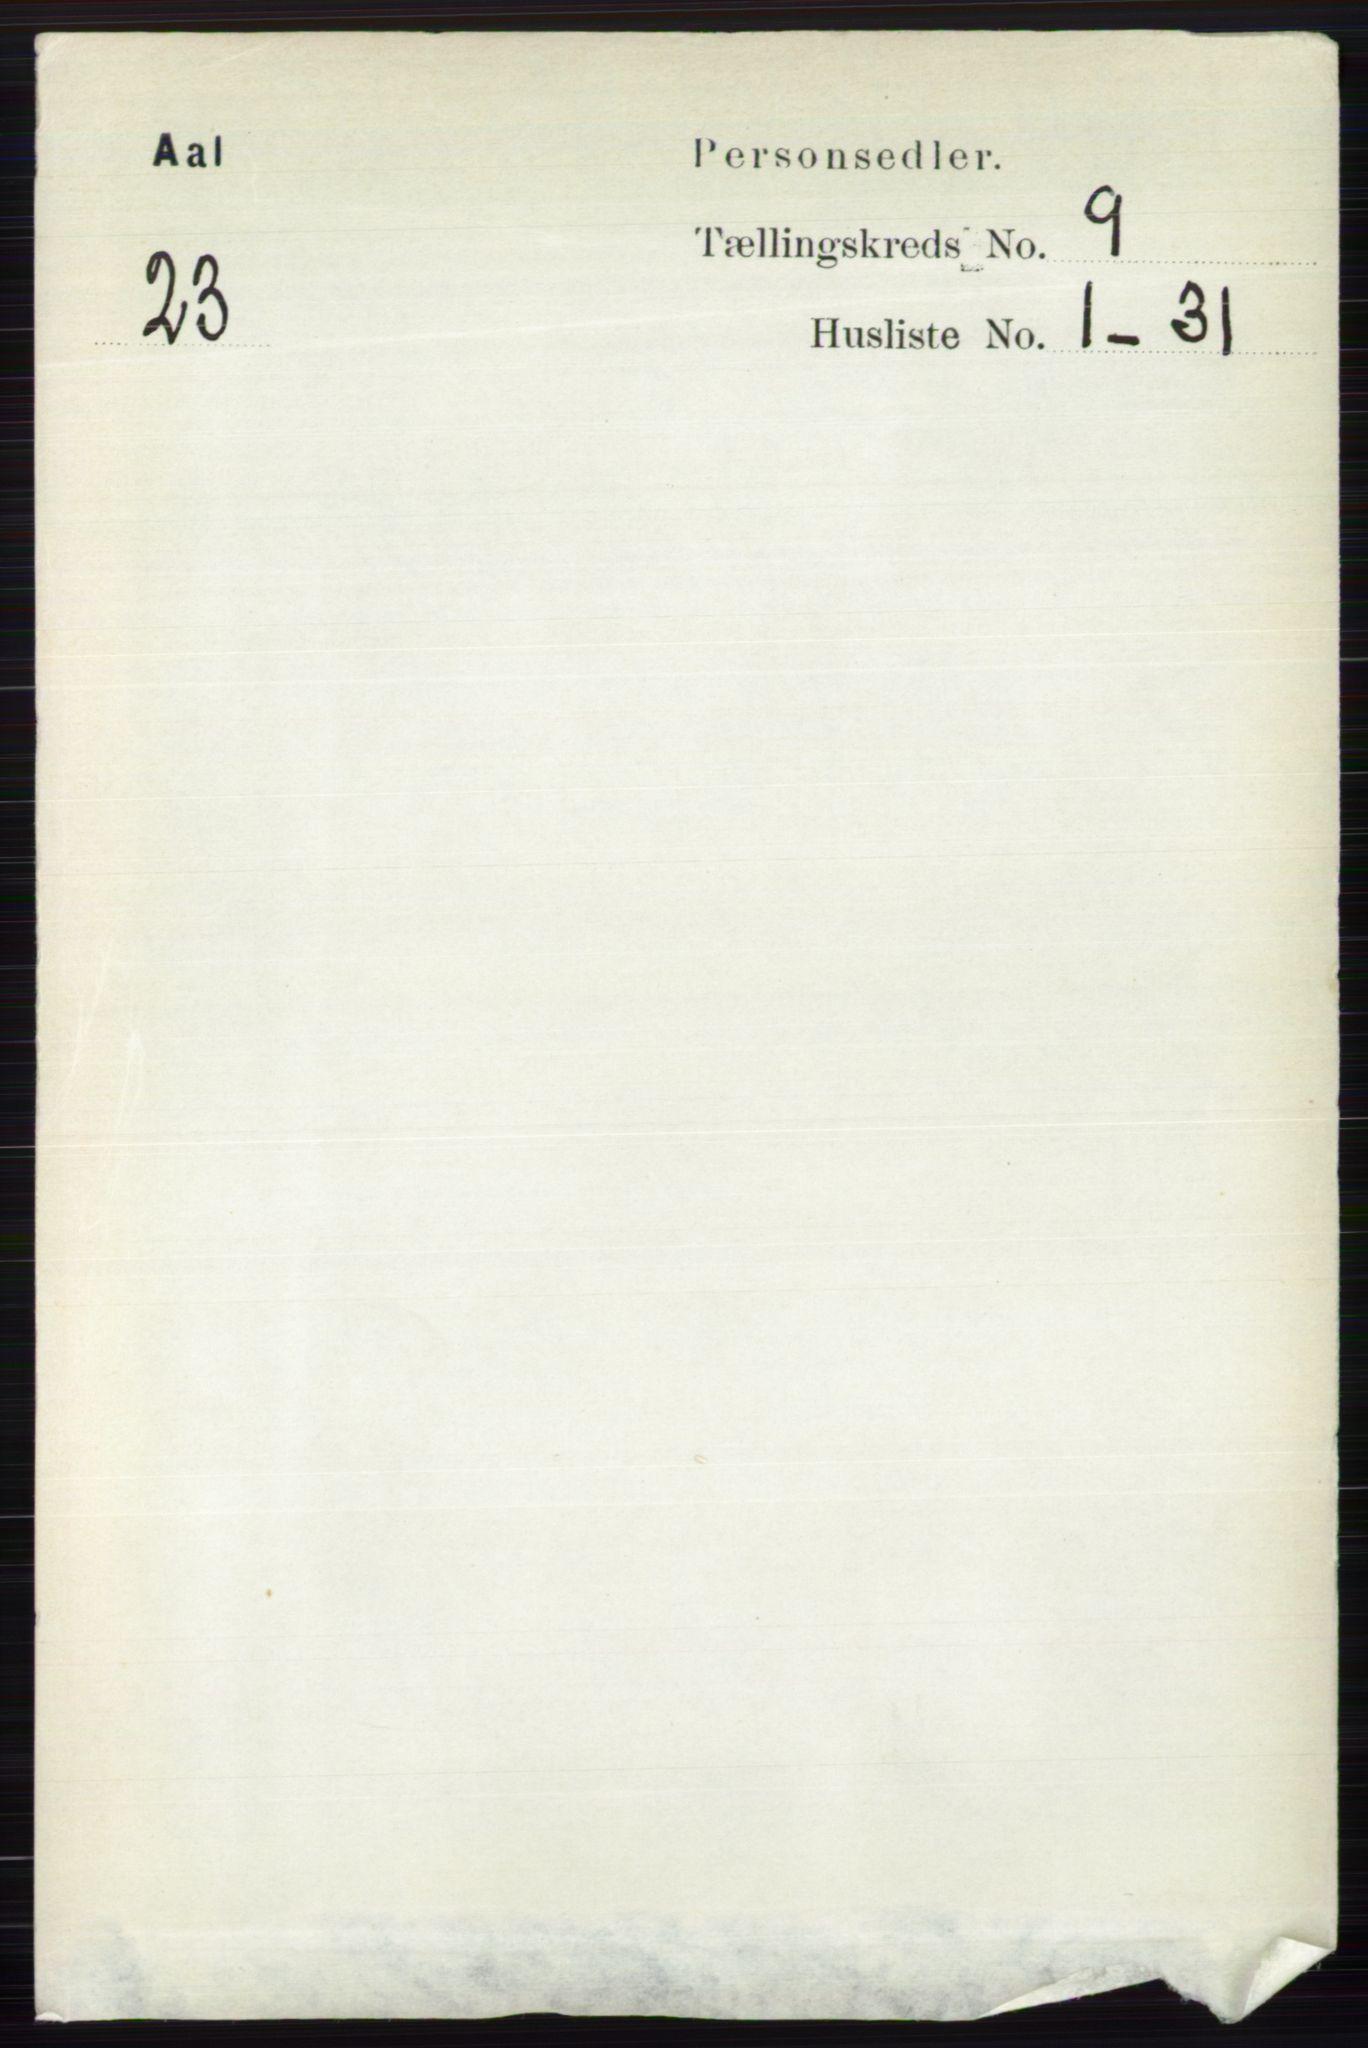 RA, Folketelling 1891 for 0619 Ål herred, 1891, s. 2479